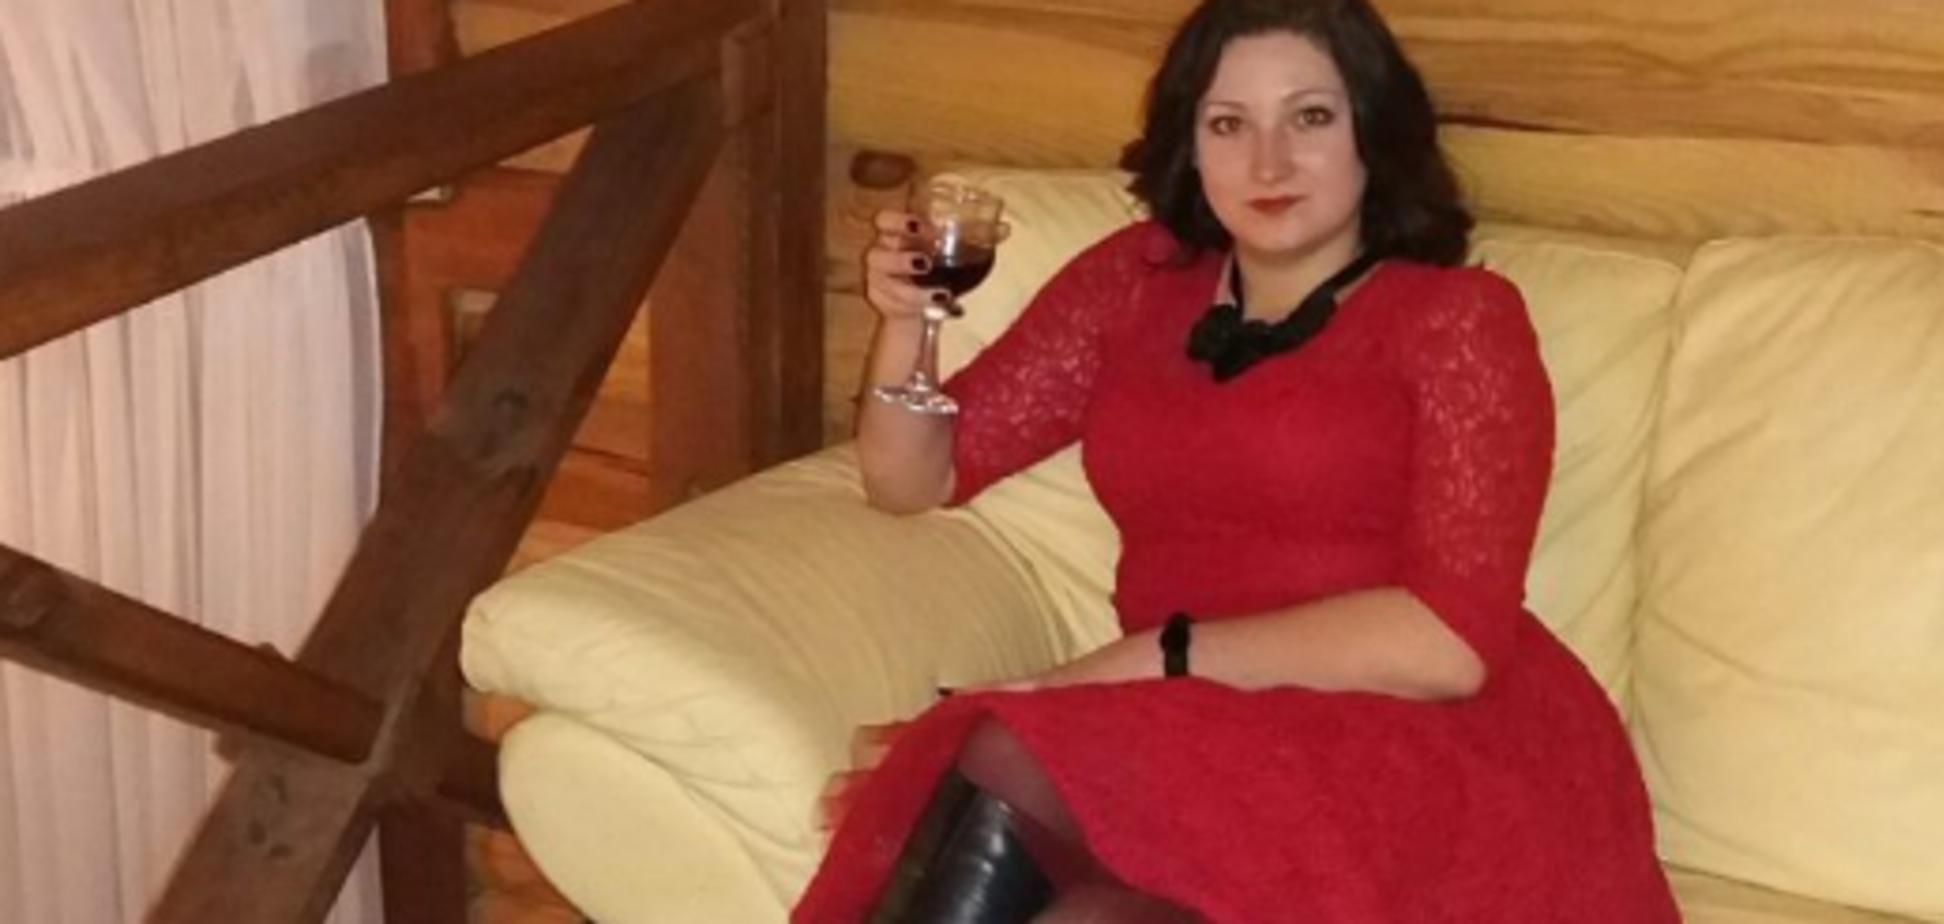 На Рівненщині виховательку дитсадка звільнили за 'аморальні' фото в соцмережах